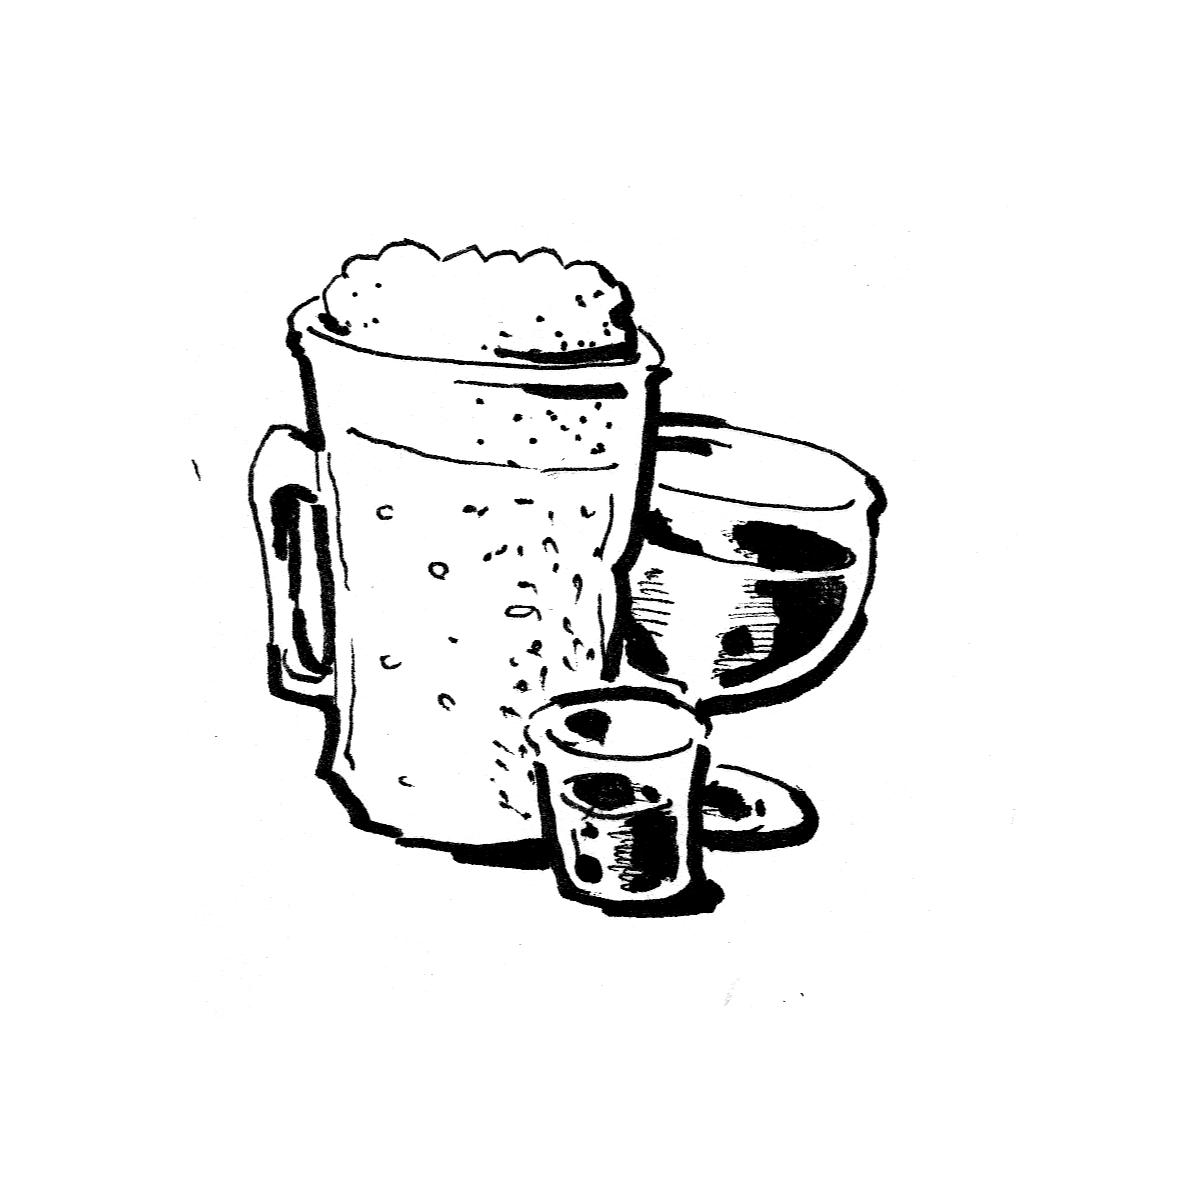 17-vignette-food-menu-hardcore-drinks.jpg